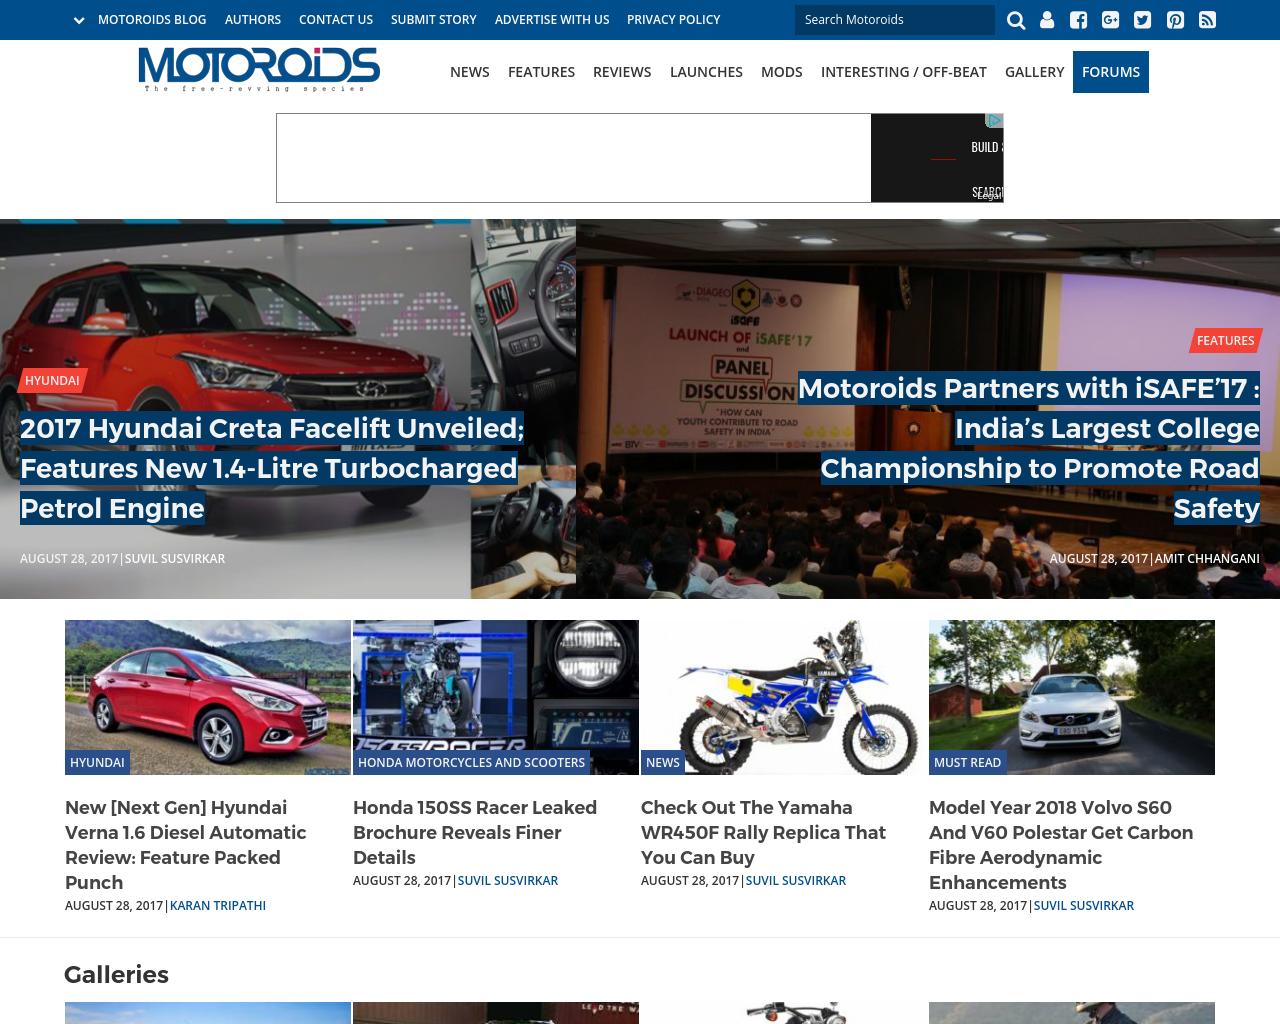 Motoroids-Advertising-Reviews-Pricing